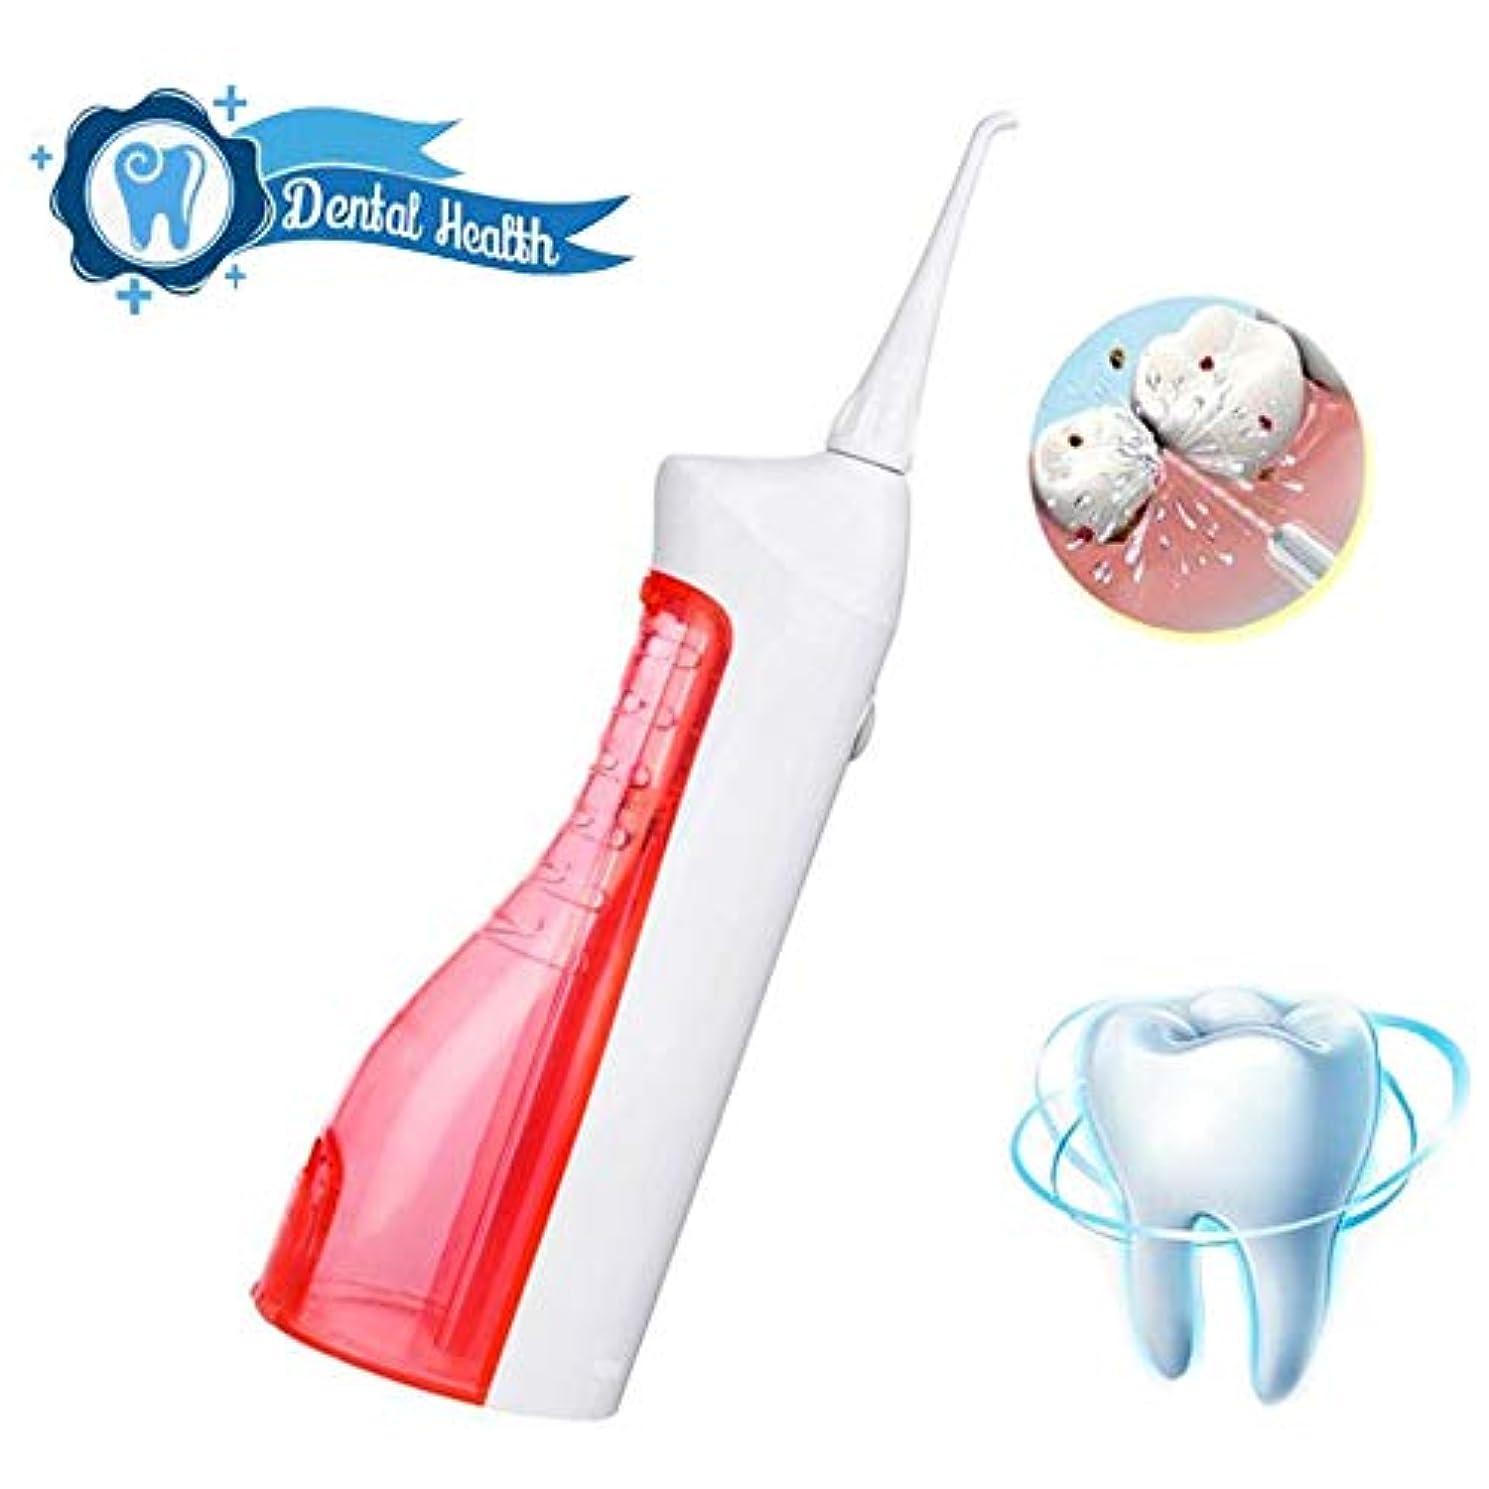 後洋服二度歯のためのウォーターフロッサー、ポータブルプロフェッショナルコードレス歯科口腔灌漑器(150mlタンク、2本のジェットチップ付き)歯磨き粉用クリーナー、2つのクリーニングモード、USB充電式、IPX7